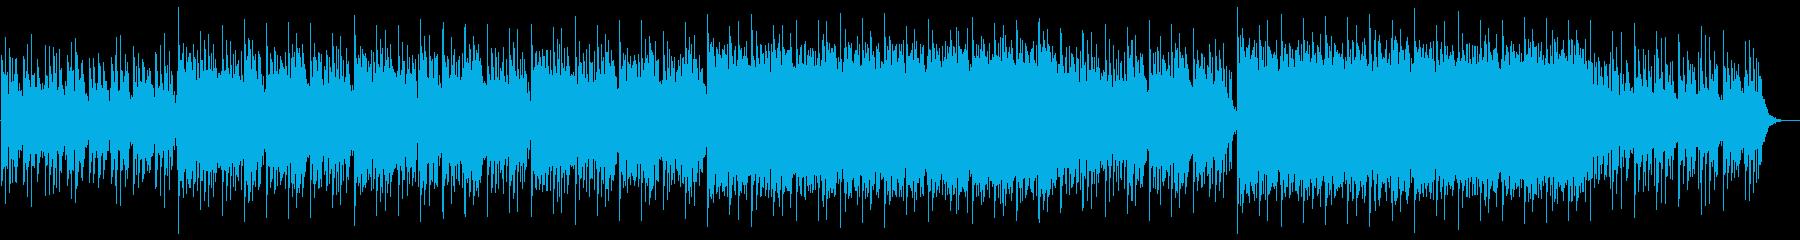 Impetusの再生済みの波形